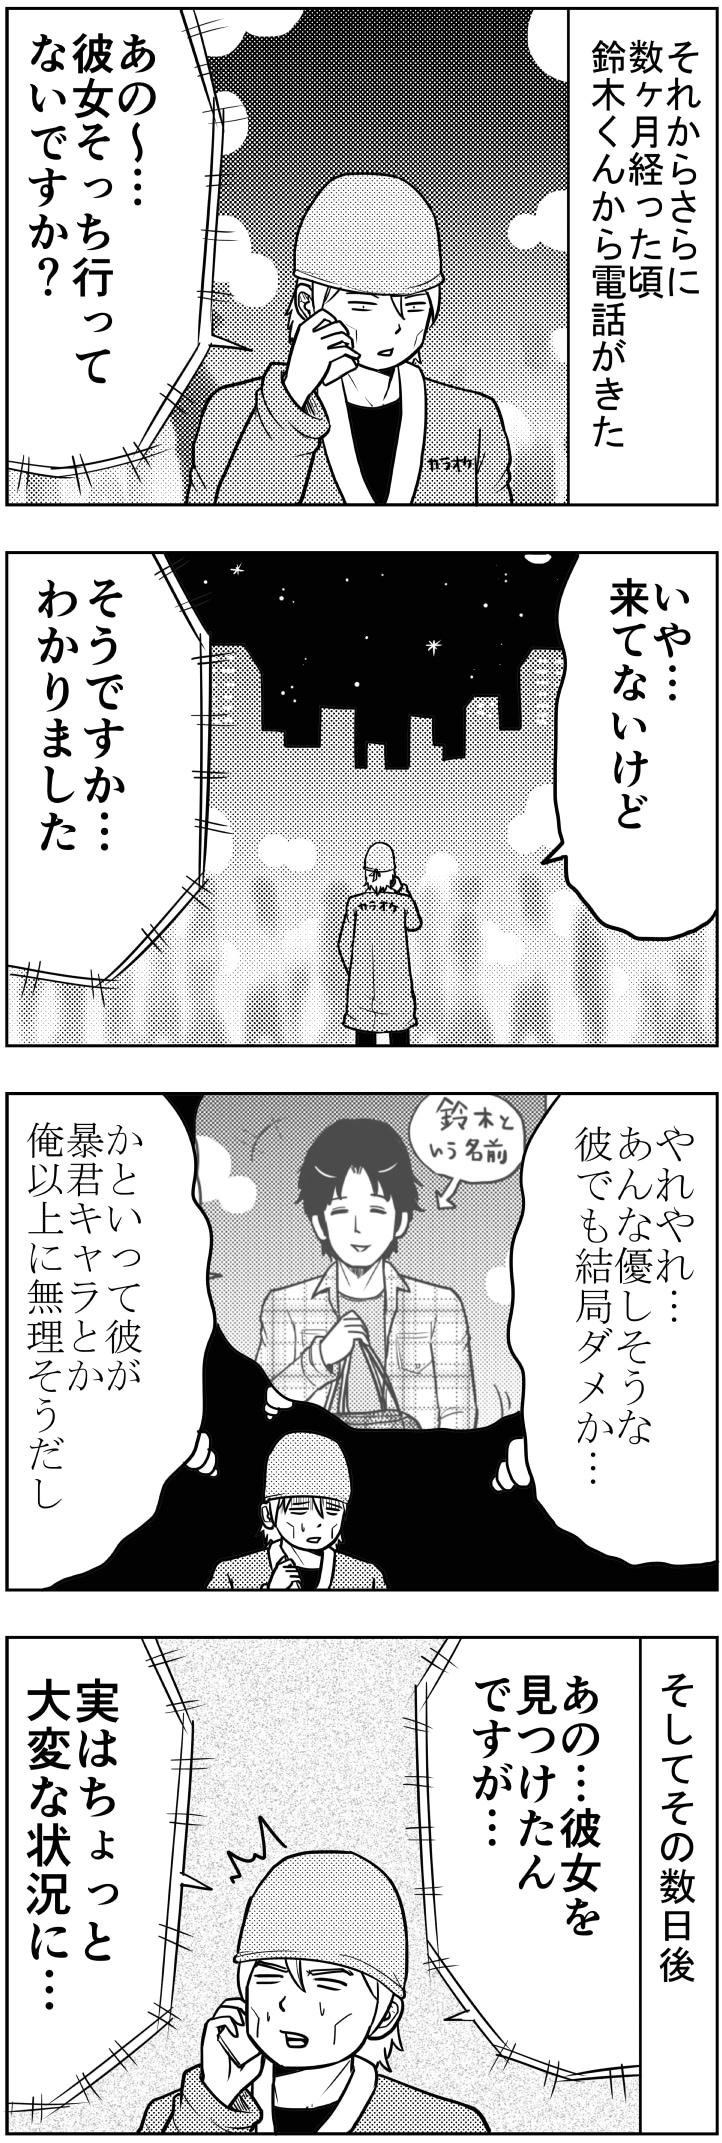 結局ダメ・・・【漫画~キヒロの青春】78